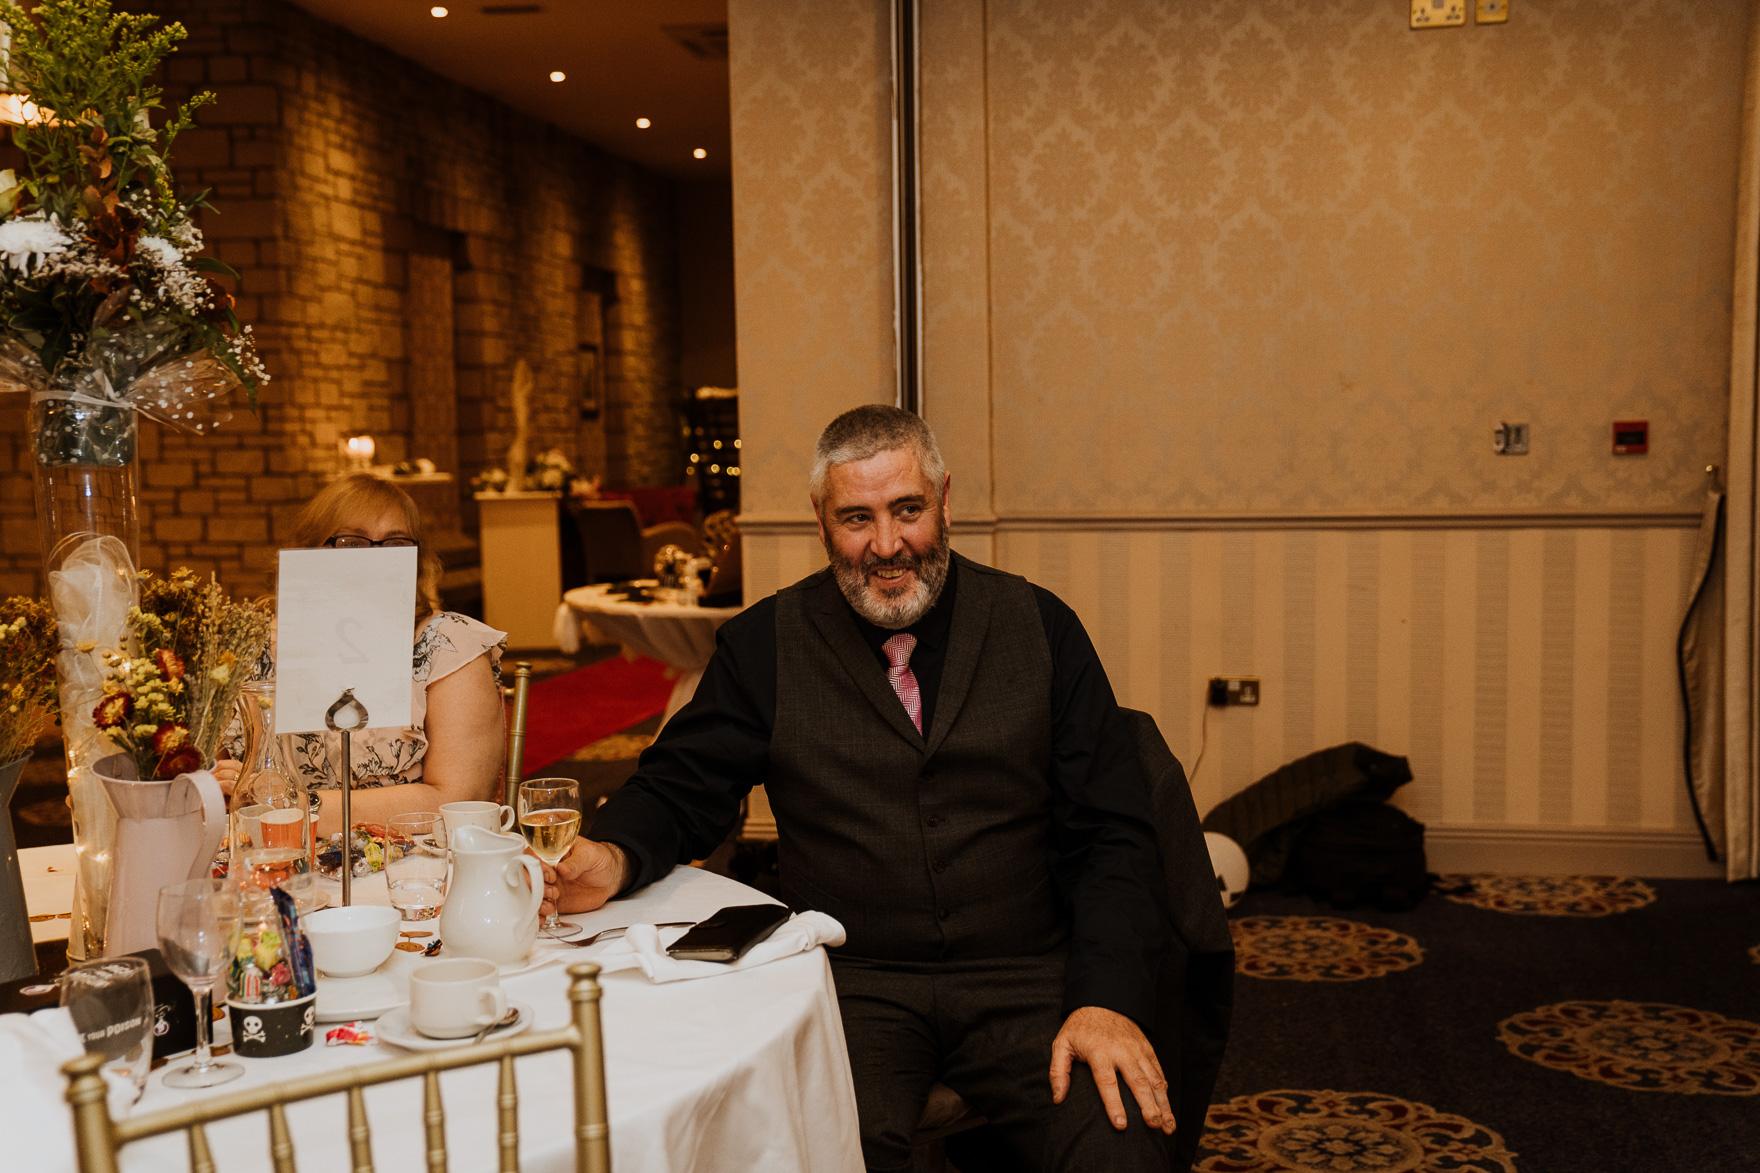 Wayne Cochran sitting at a table